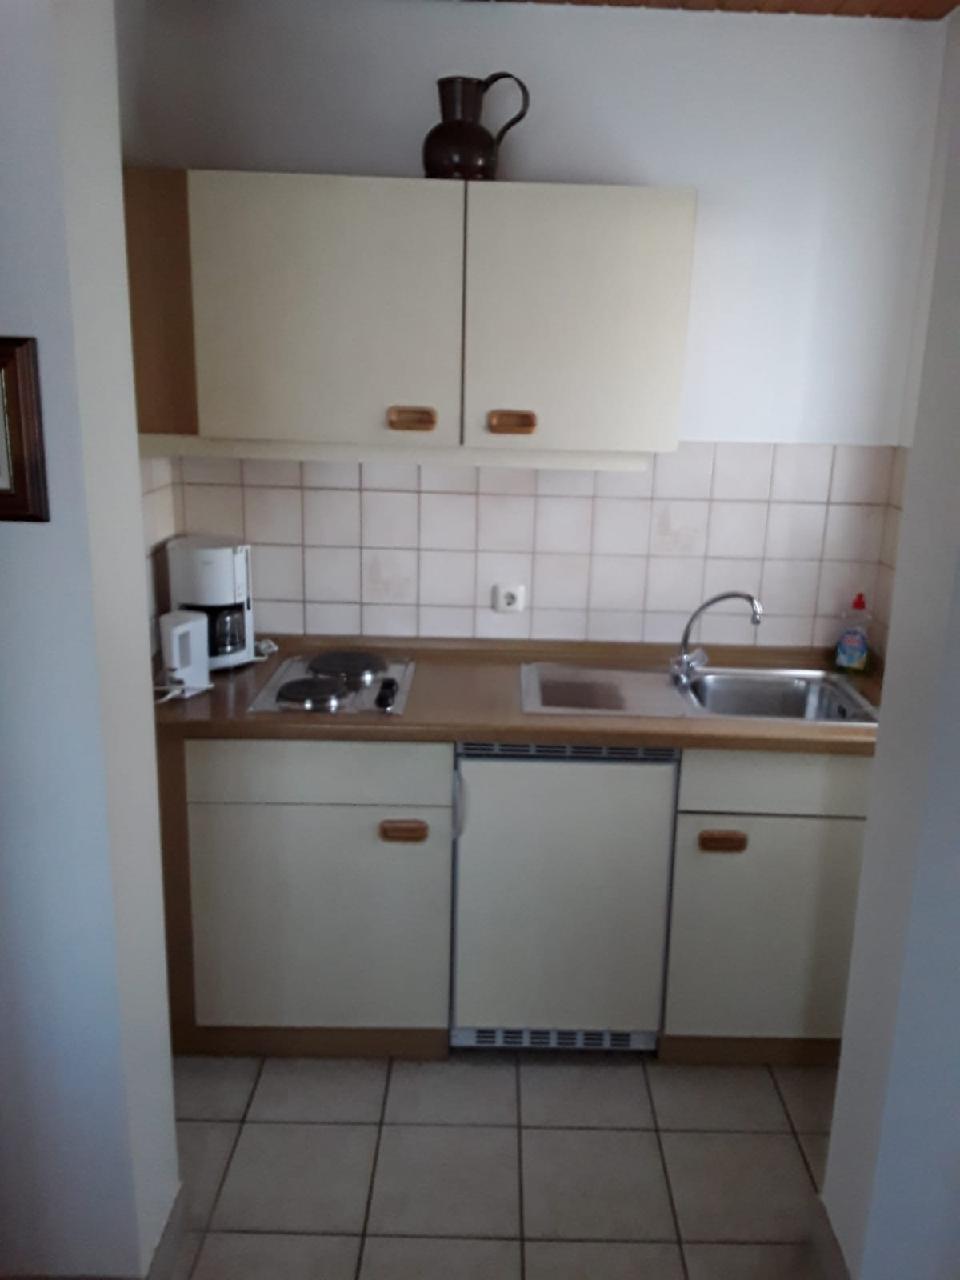 Ferienhaus / Bungalow Nr. 31  für 2-4 Personen in der Rhön Residence Bungalows (735561), Dipperz, Rhön (Hessen), Hessen, Deutschland, Bild 6